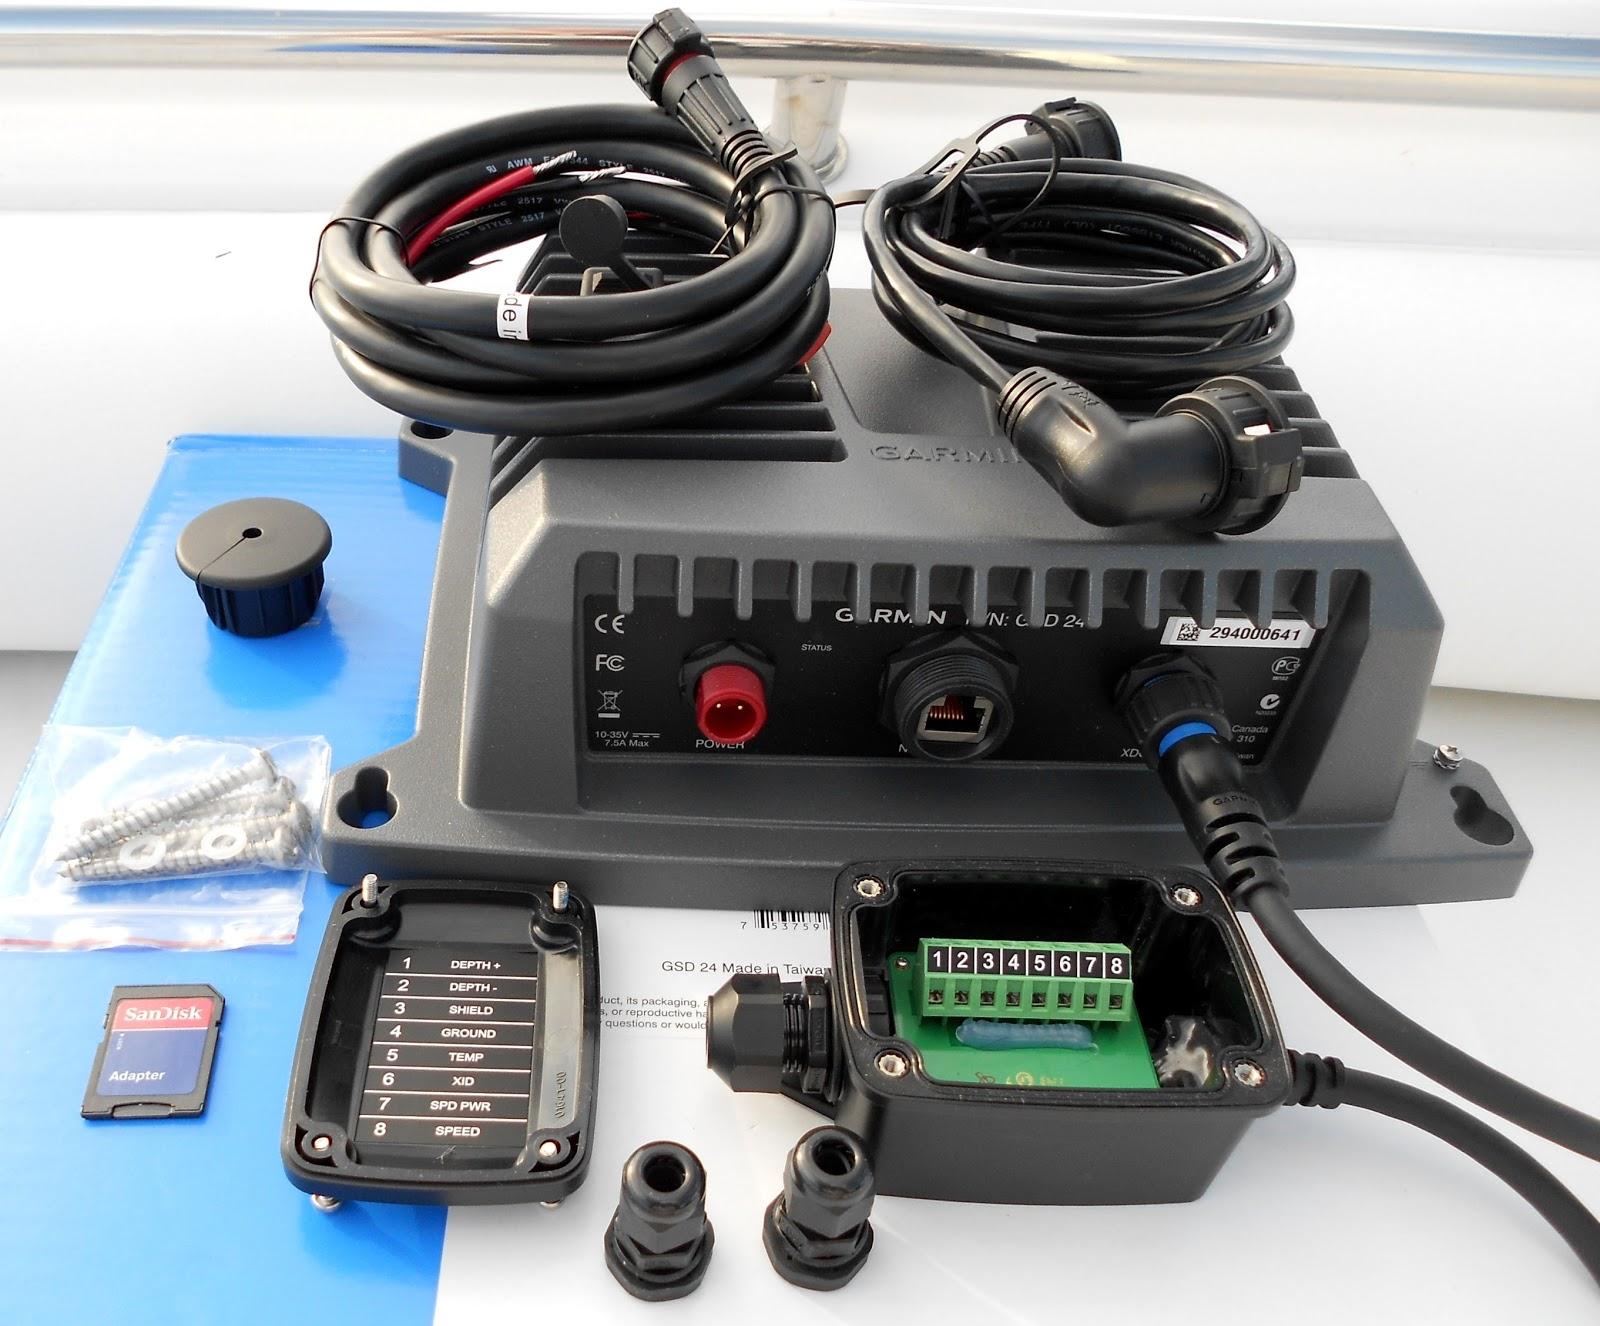 furuno transducer wiring diagram mitsubishi lancer cj 8 pin airmar